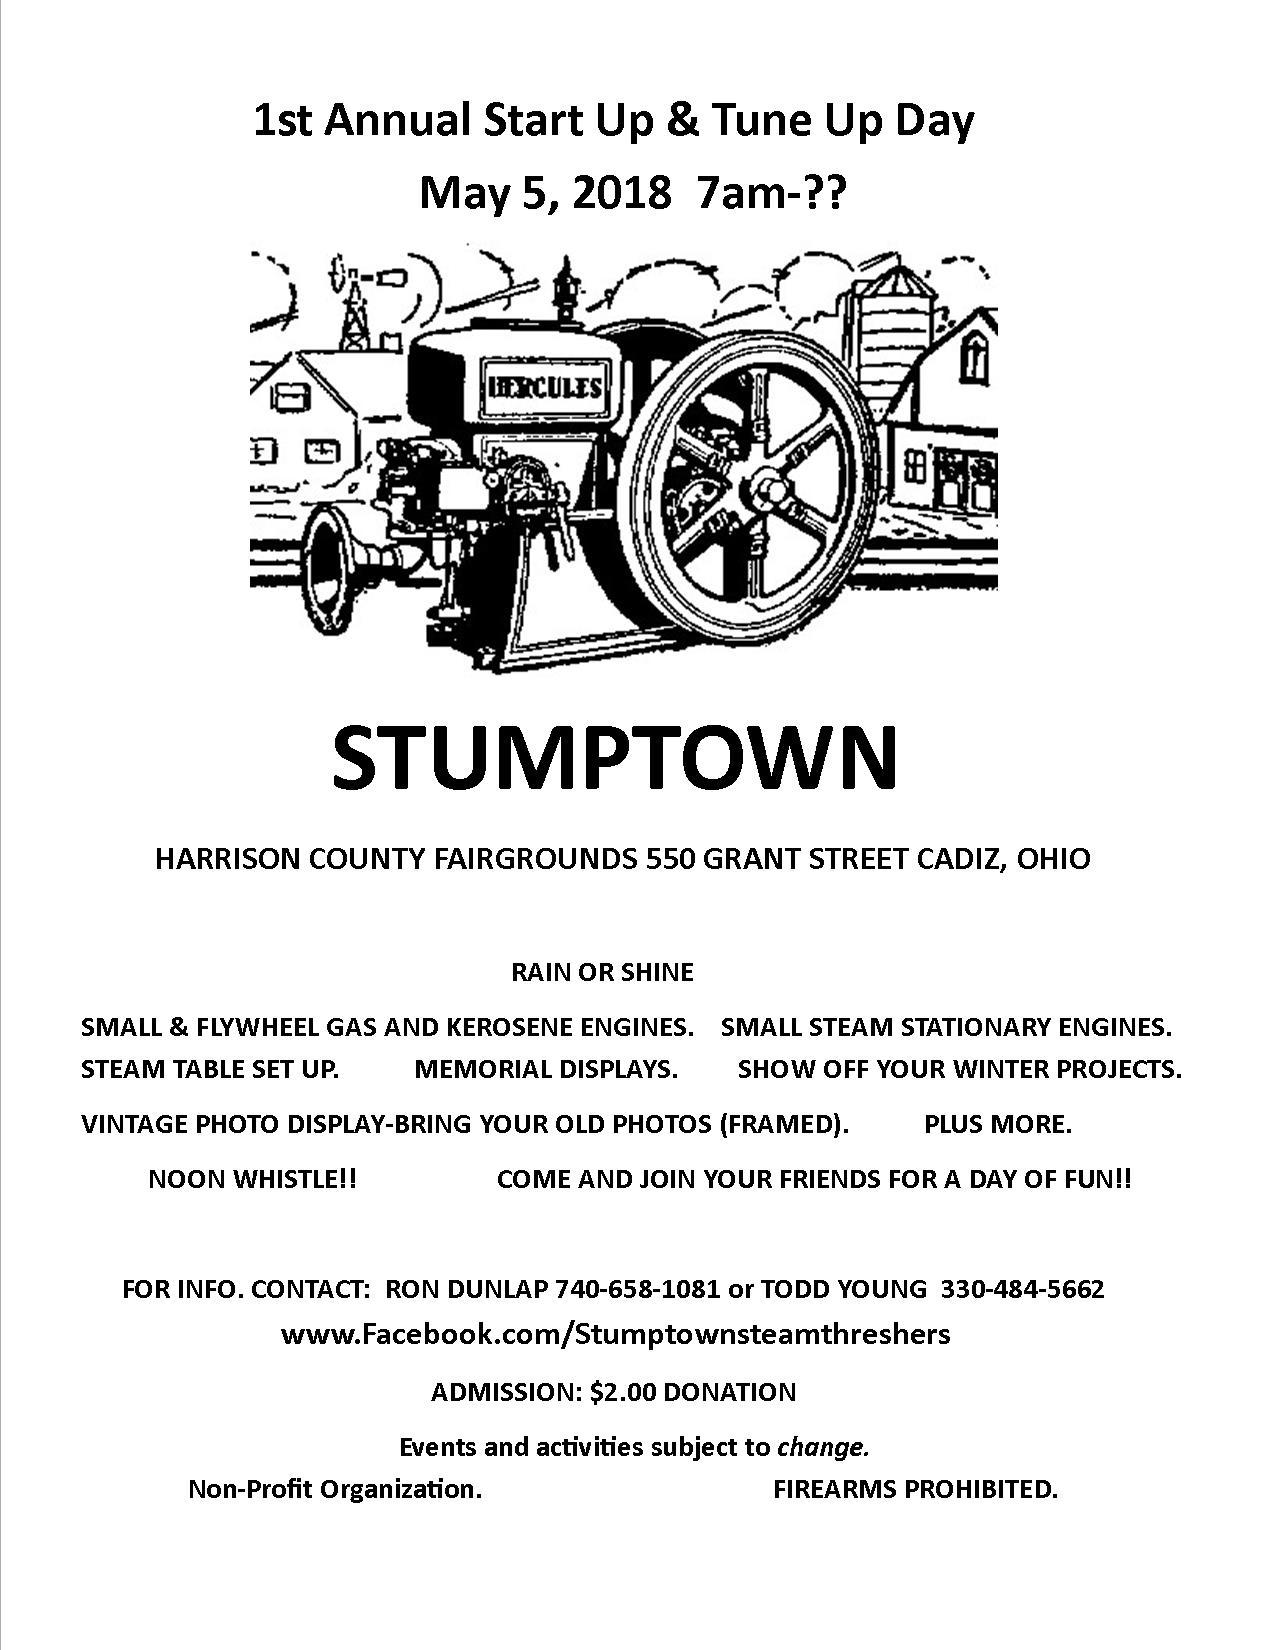 1st Annual Stumptown Steam Threshers Club Start Up & Tune Up